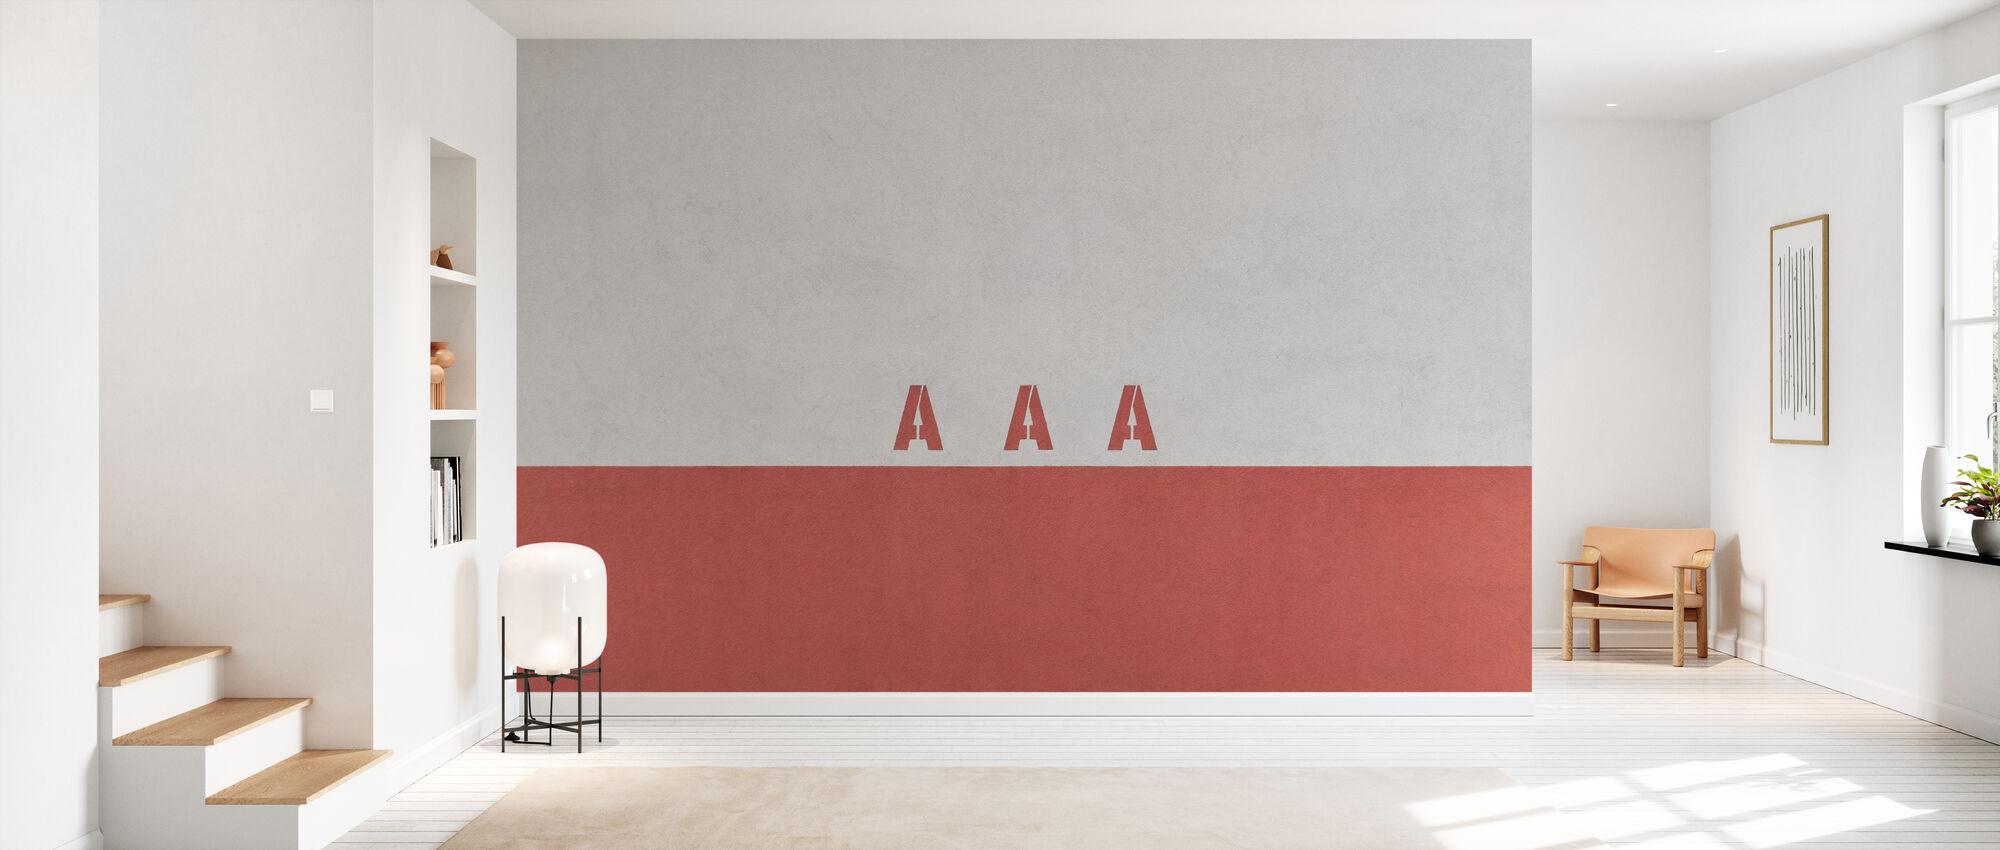 AAA Wall - Wallpaper - Hallway